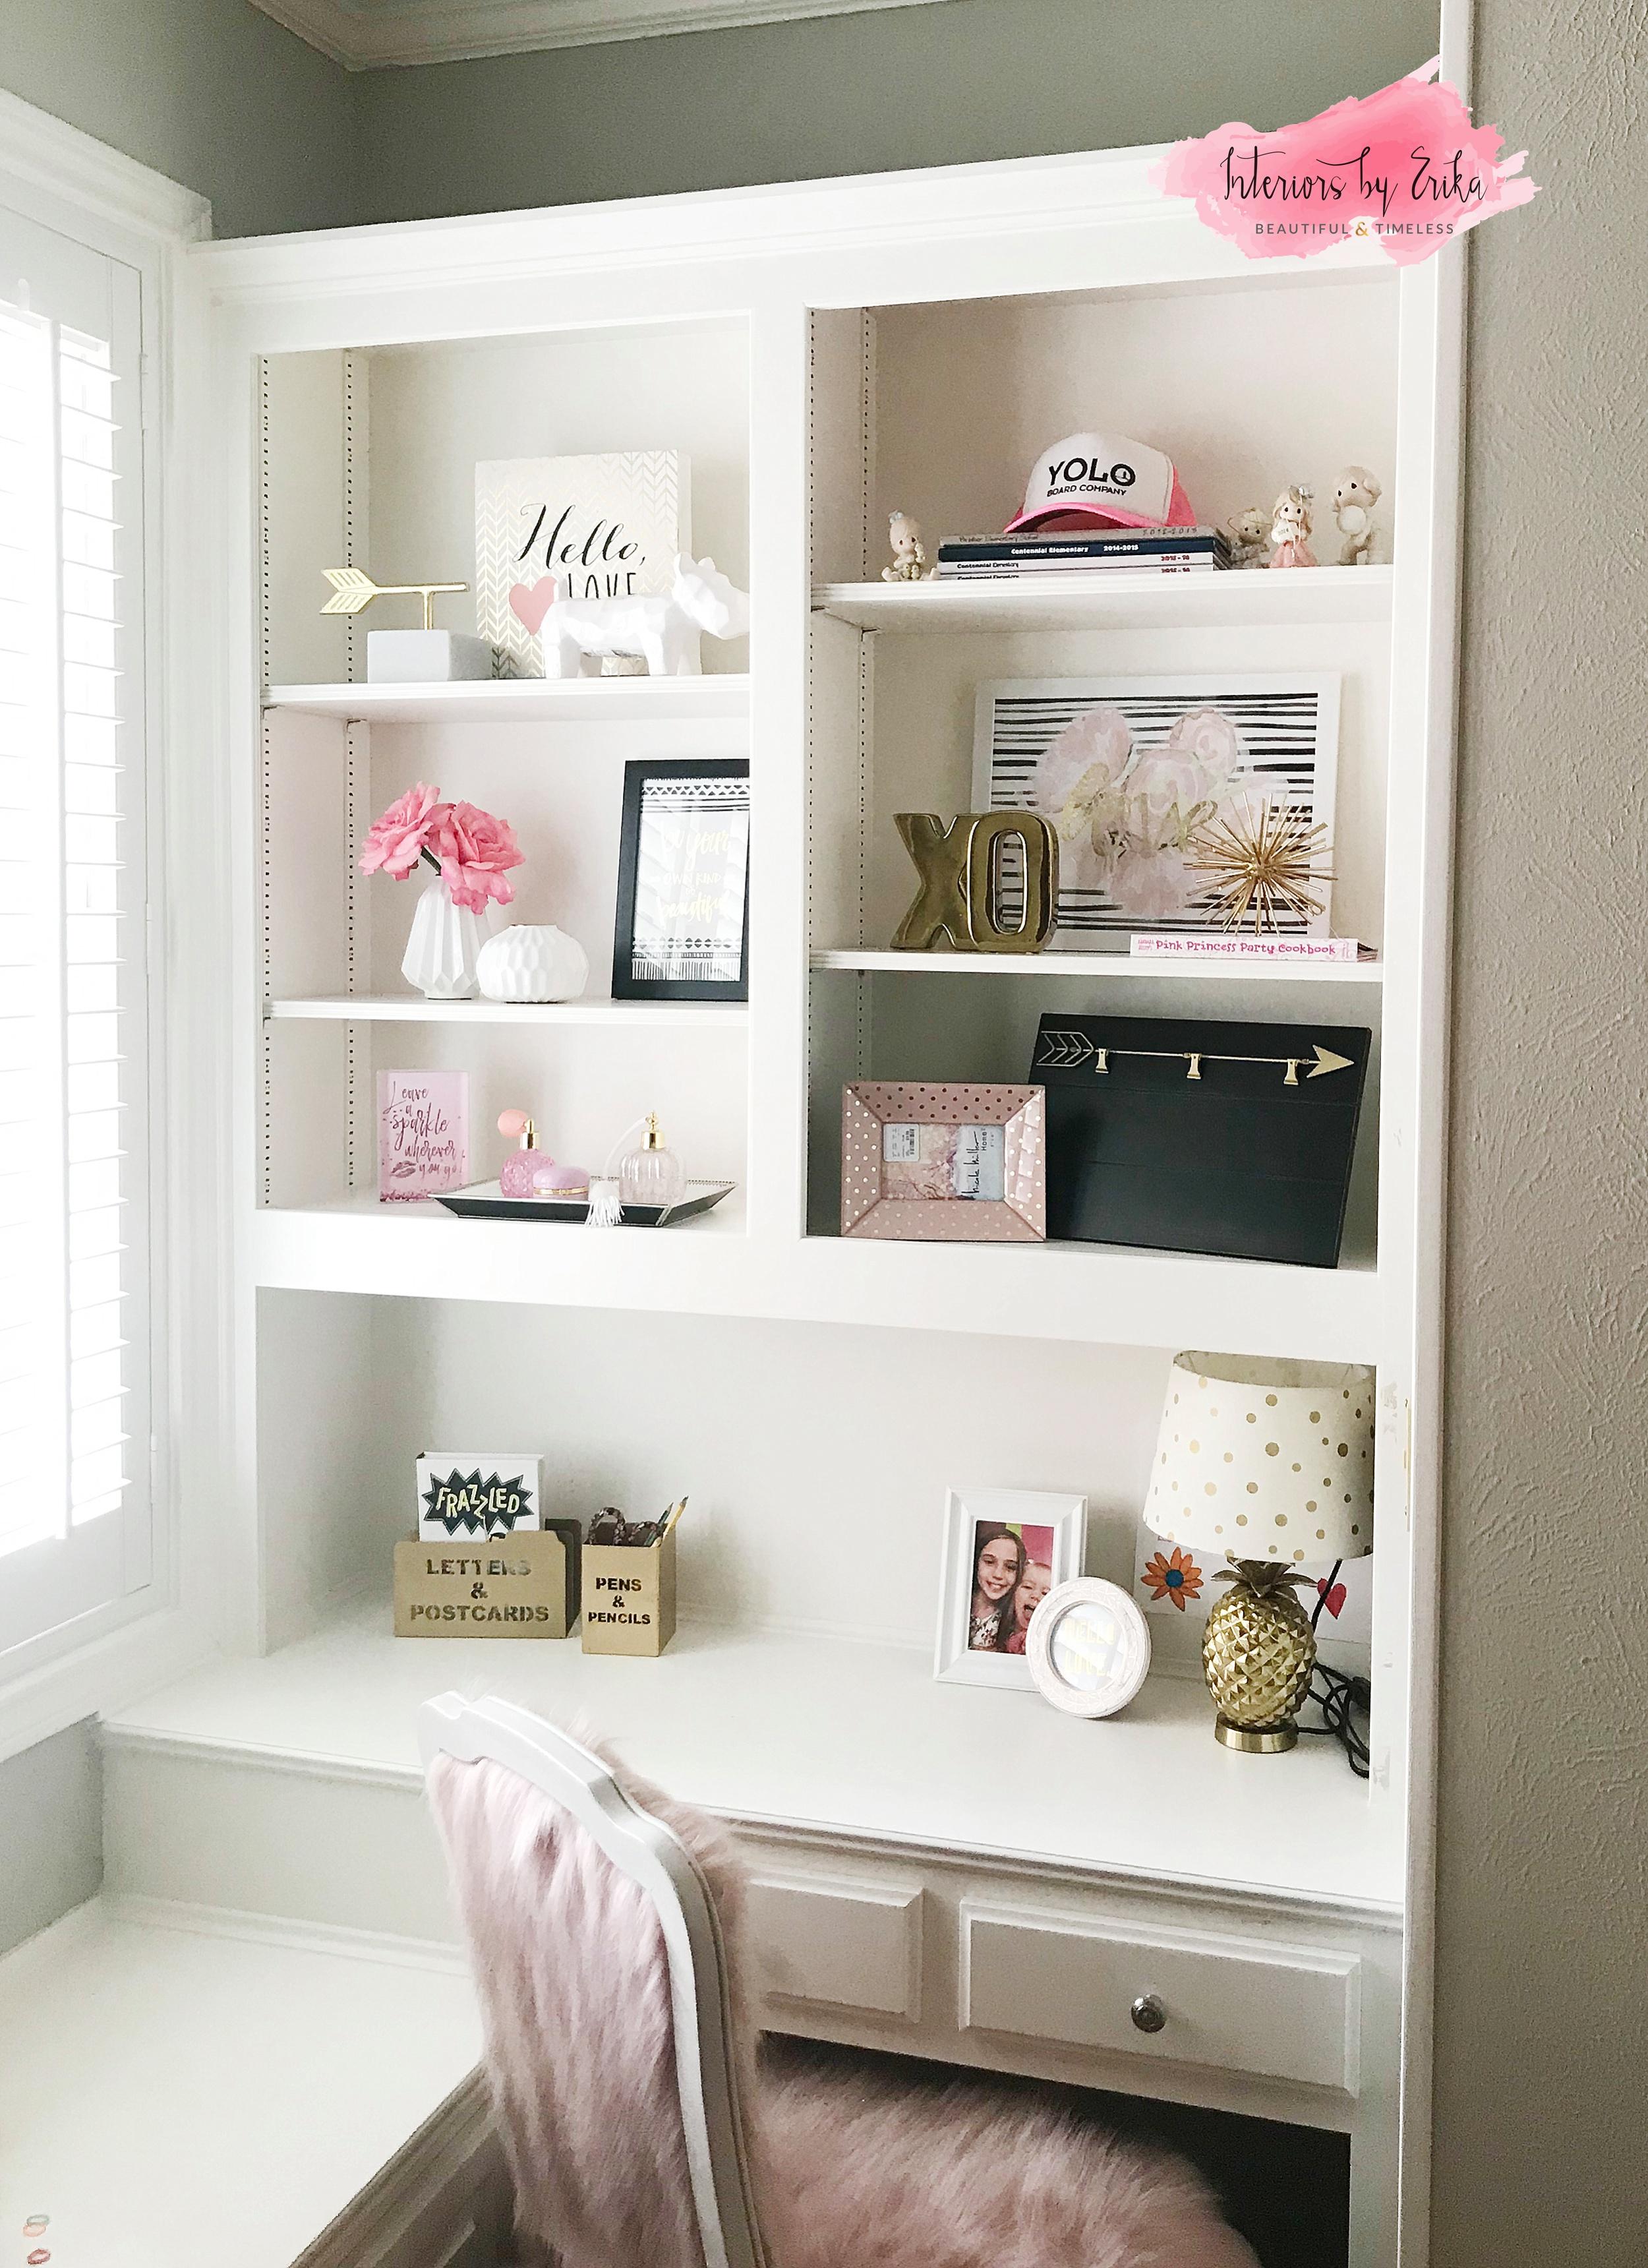 Teen Girl Room Decor_0002.jpg